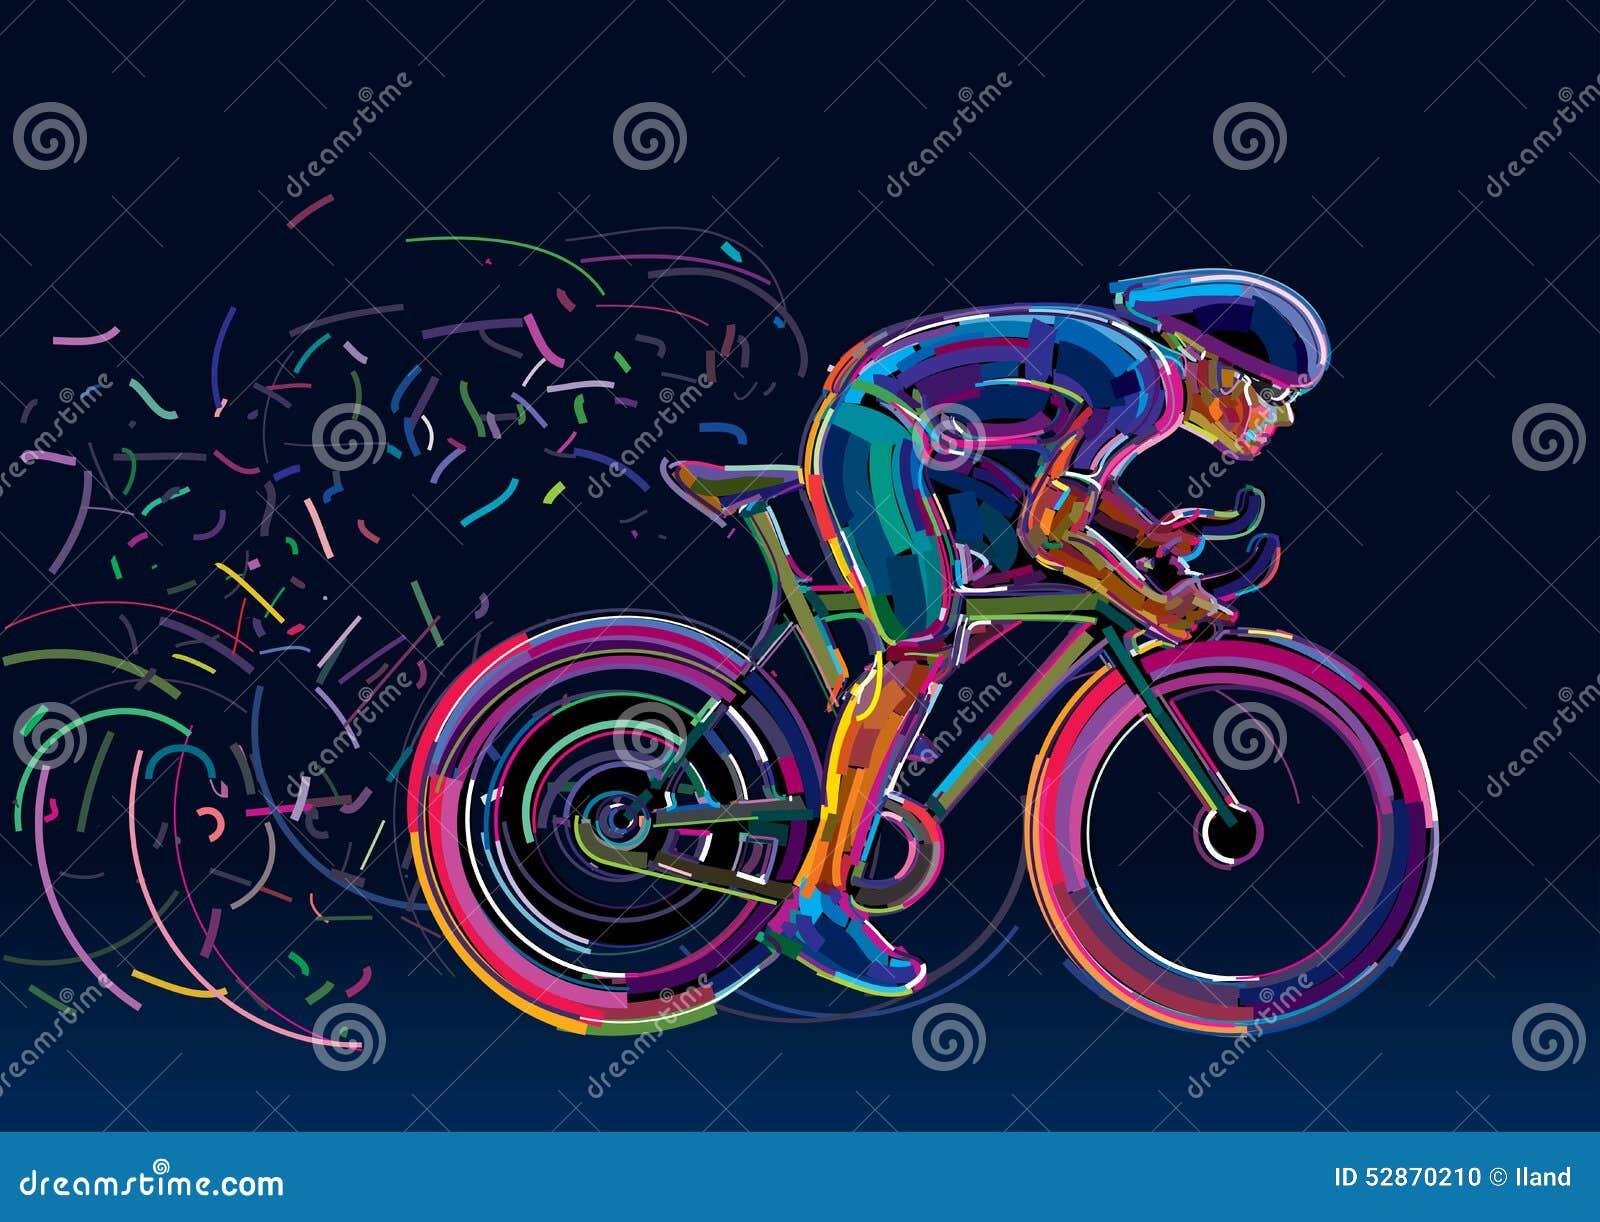 cycliste professionnel impliqu dans une course de v lo. Black Bedroom Furniture Sets. Home Design Ideas